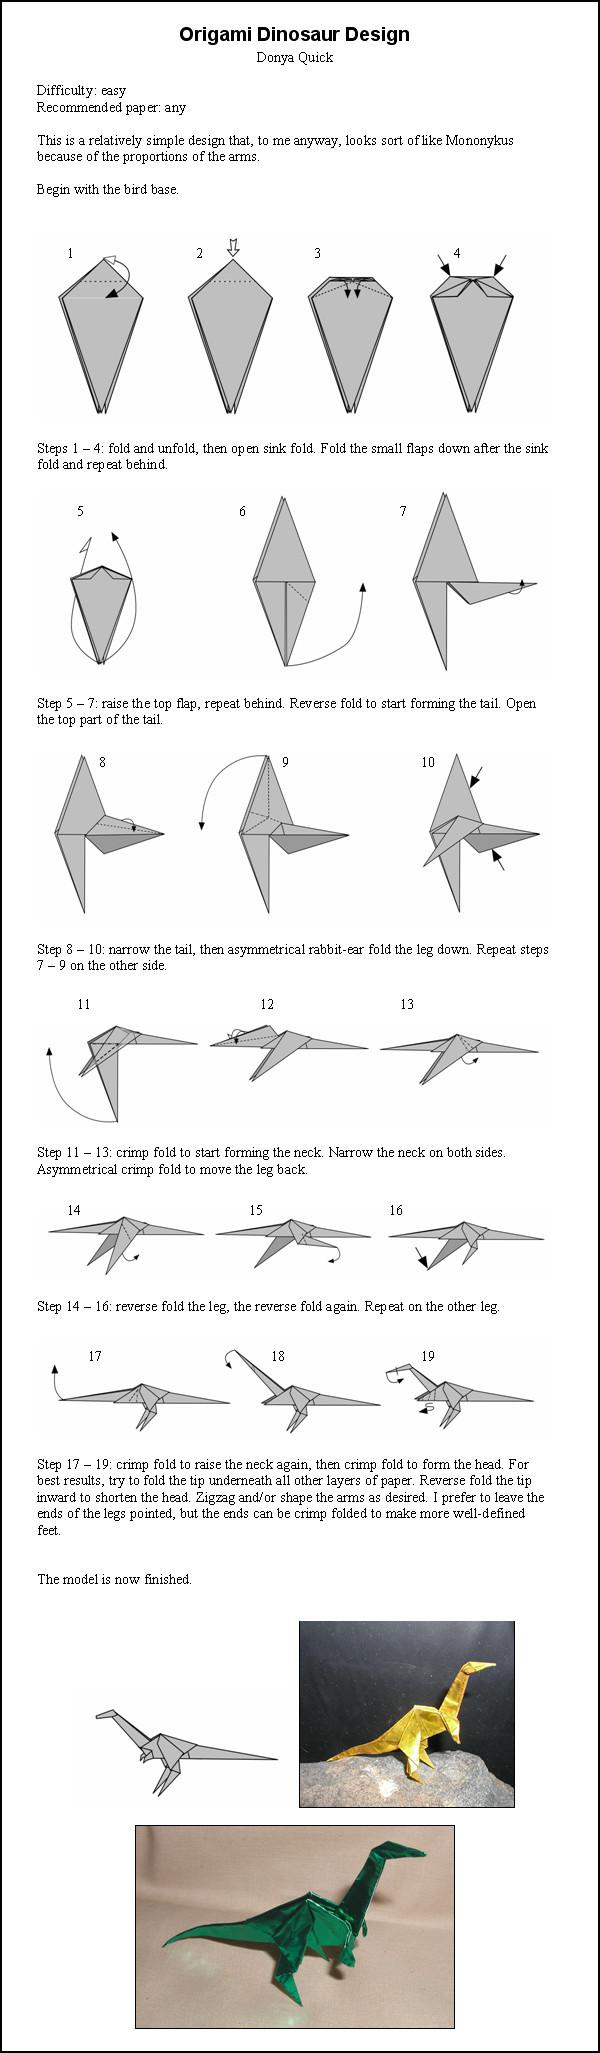 Как сделать оригами динозавров